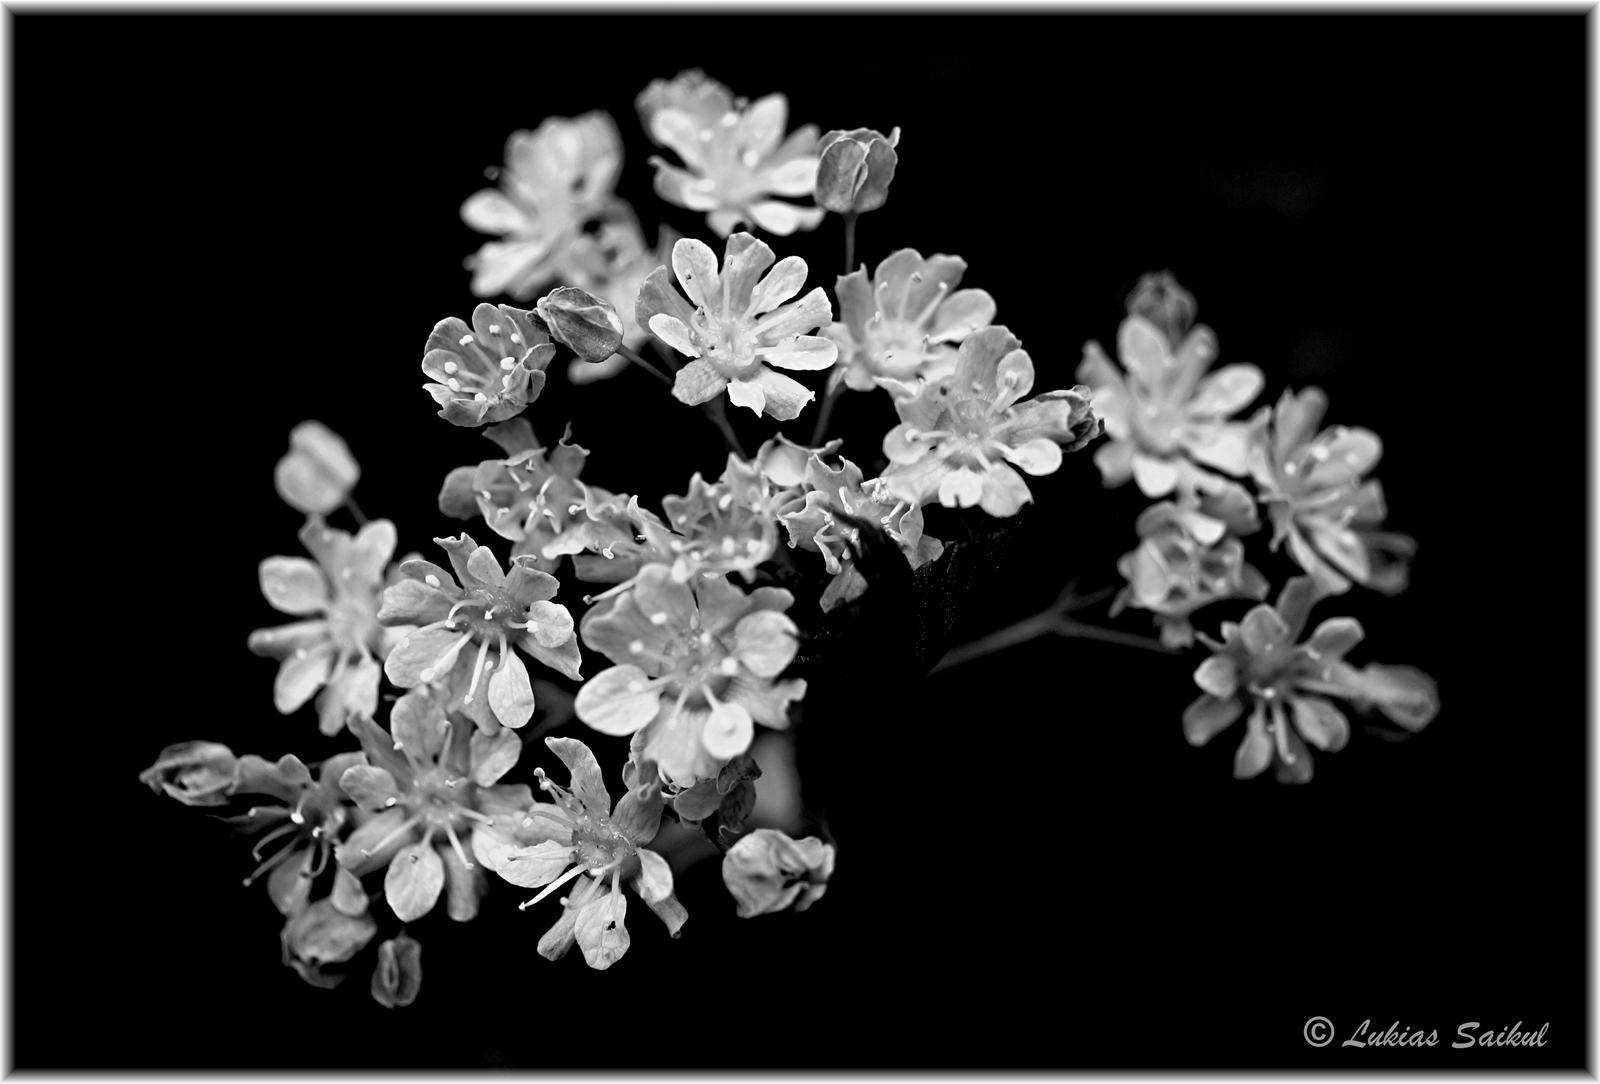 Spring 2013 VII by lukias-saikul